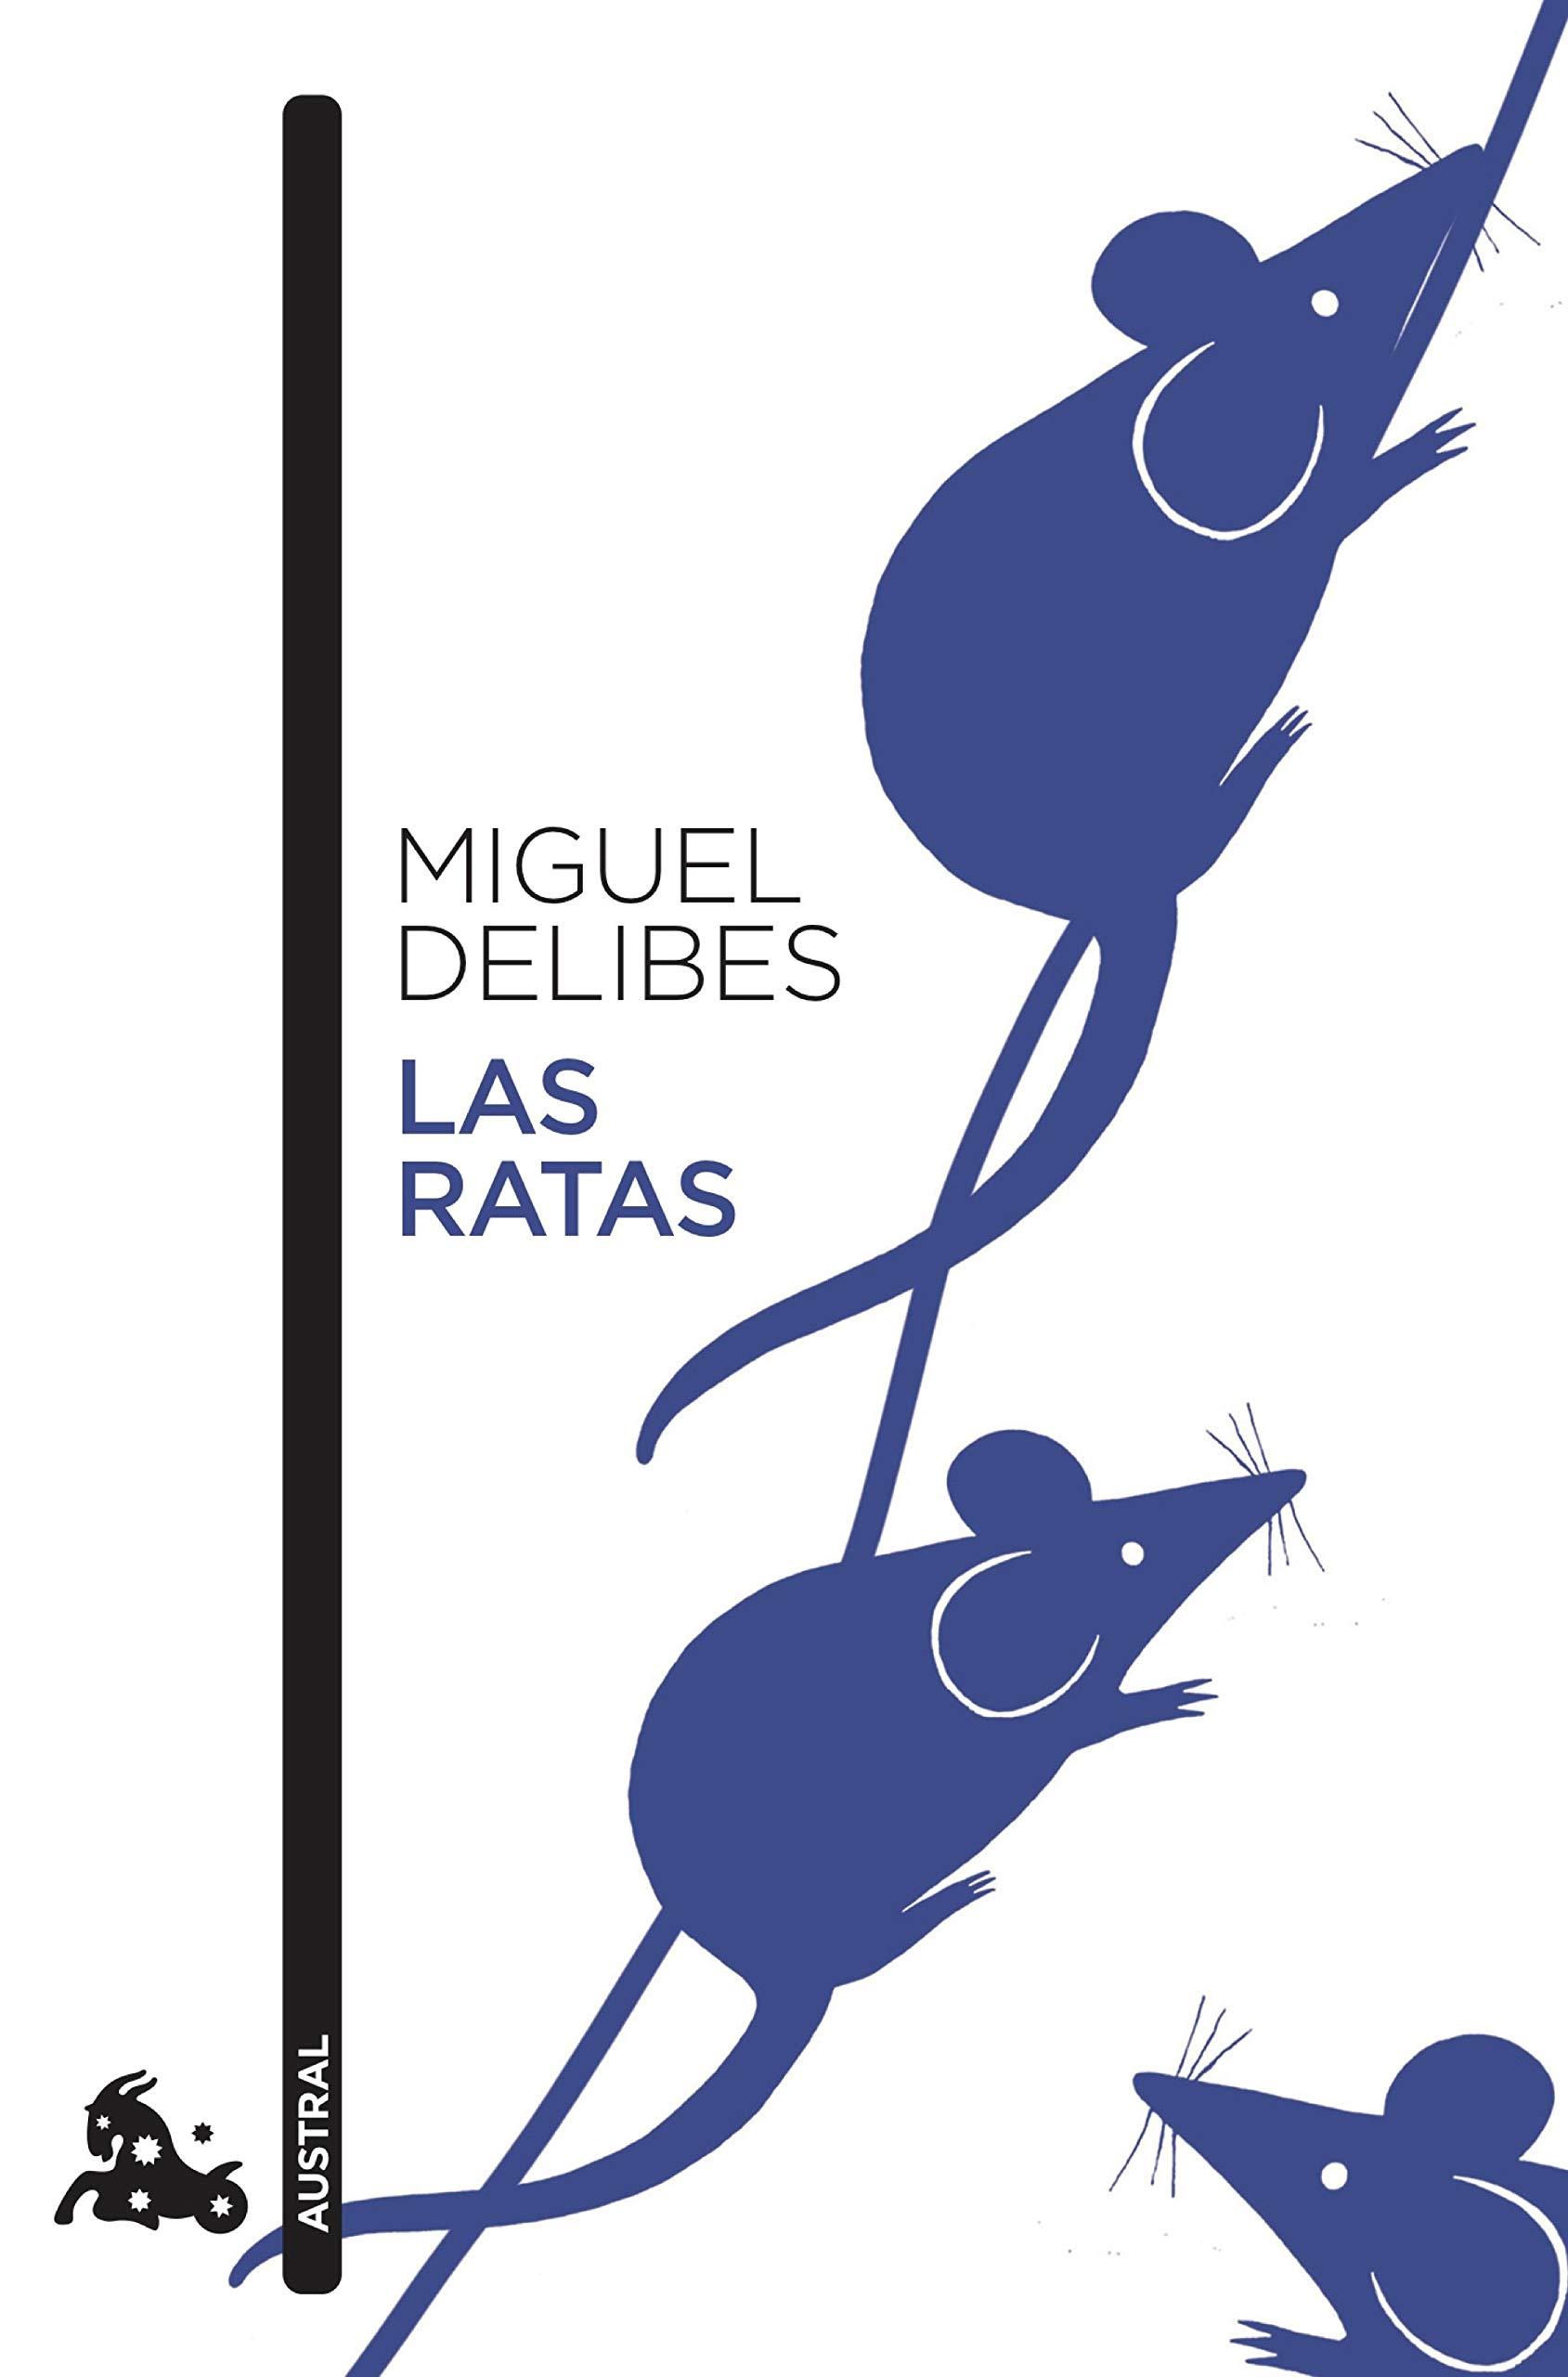 Las ratas (1962)